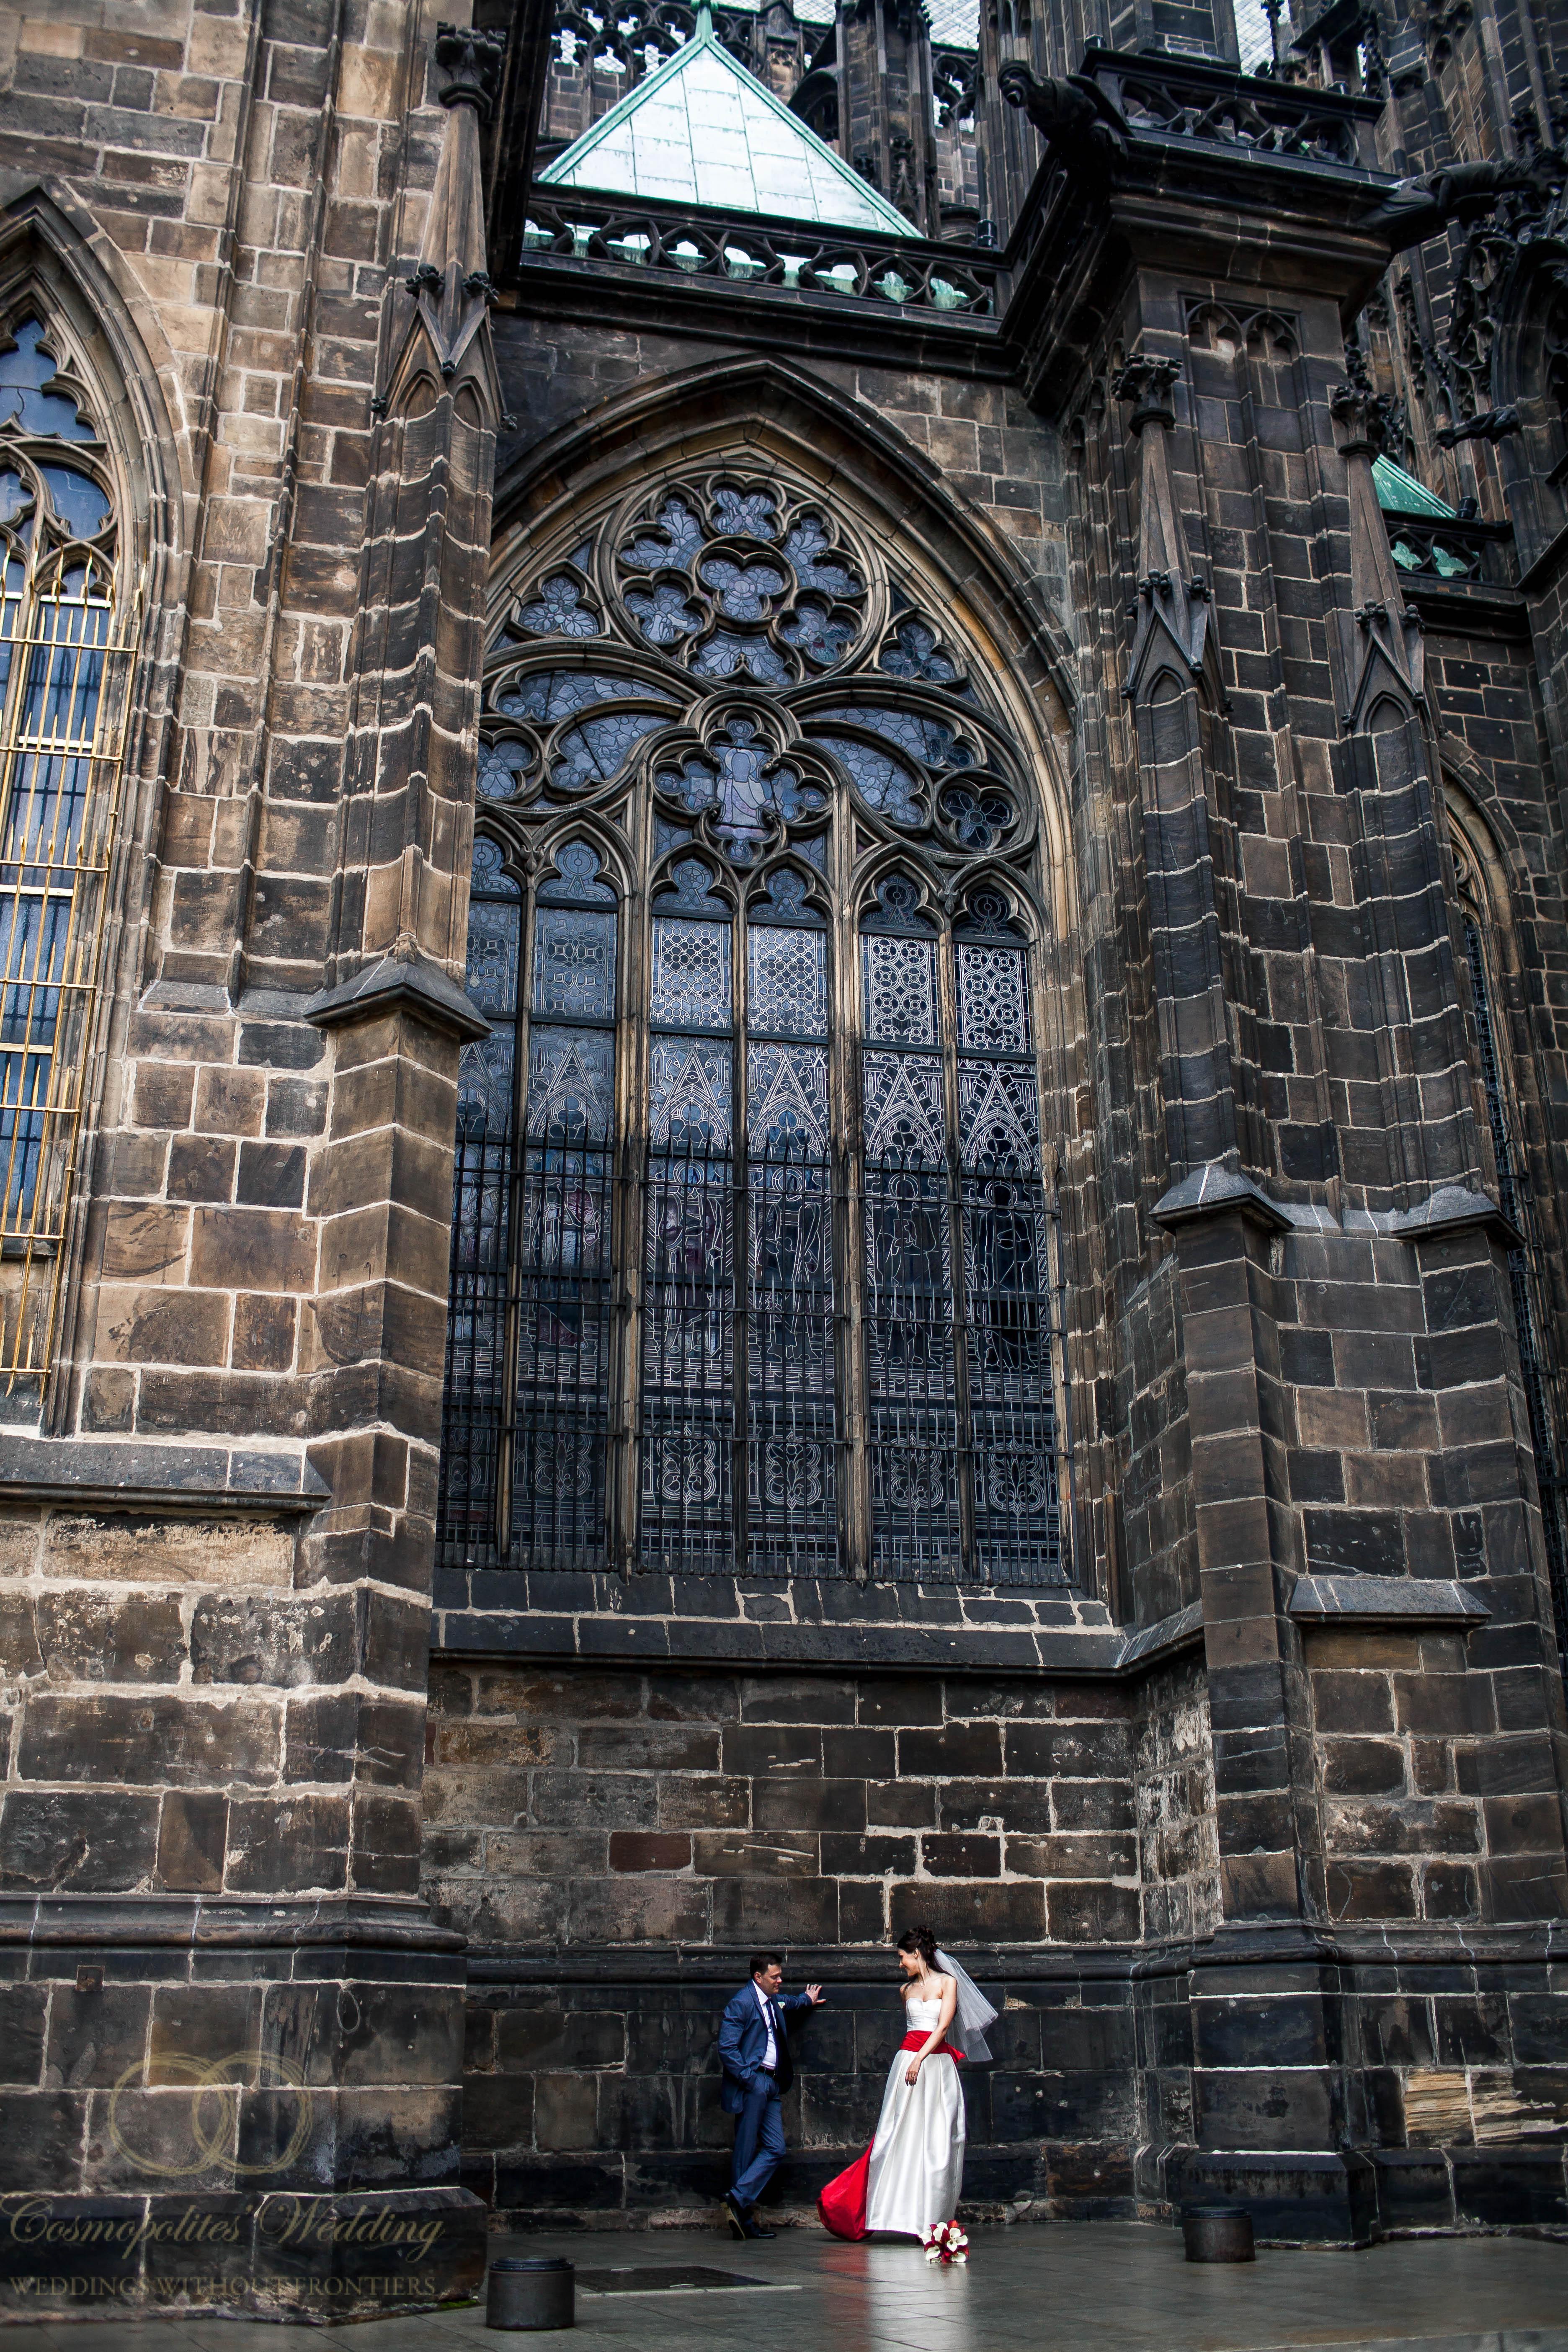 Свадьба Александра и Ольги — 9.5.2013 в Нусельской ратуше Праги - фото Свадьба Александра и Ольги — 9.5.2013 в Нусельской ратуше Праги №2518